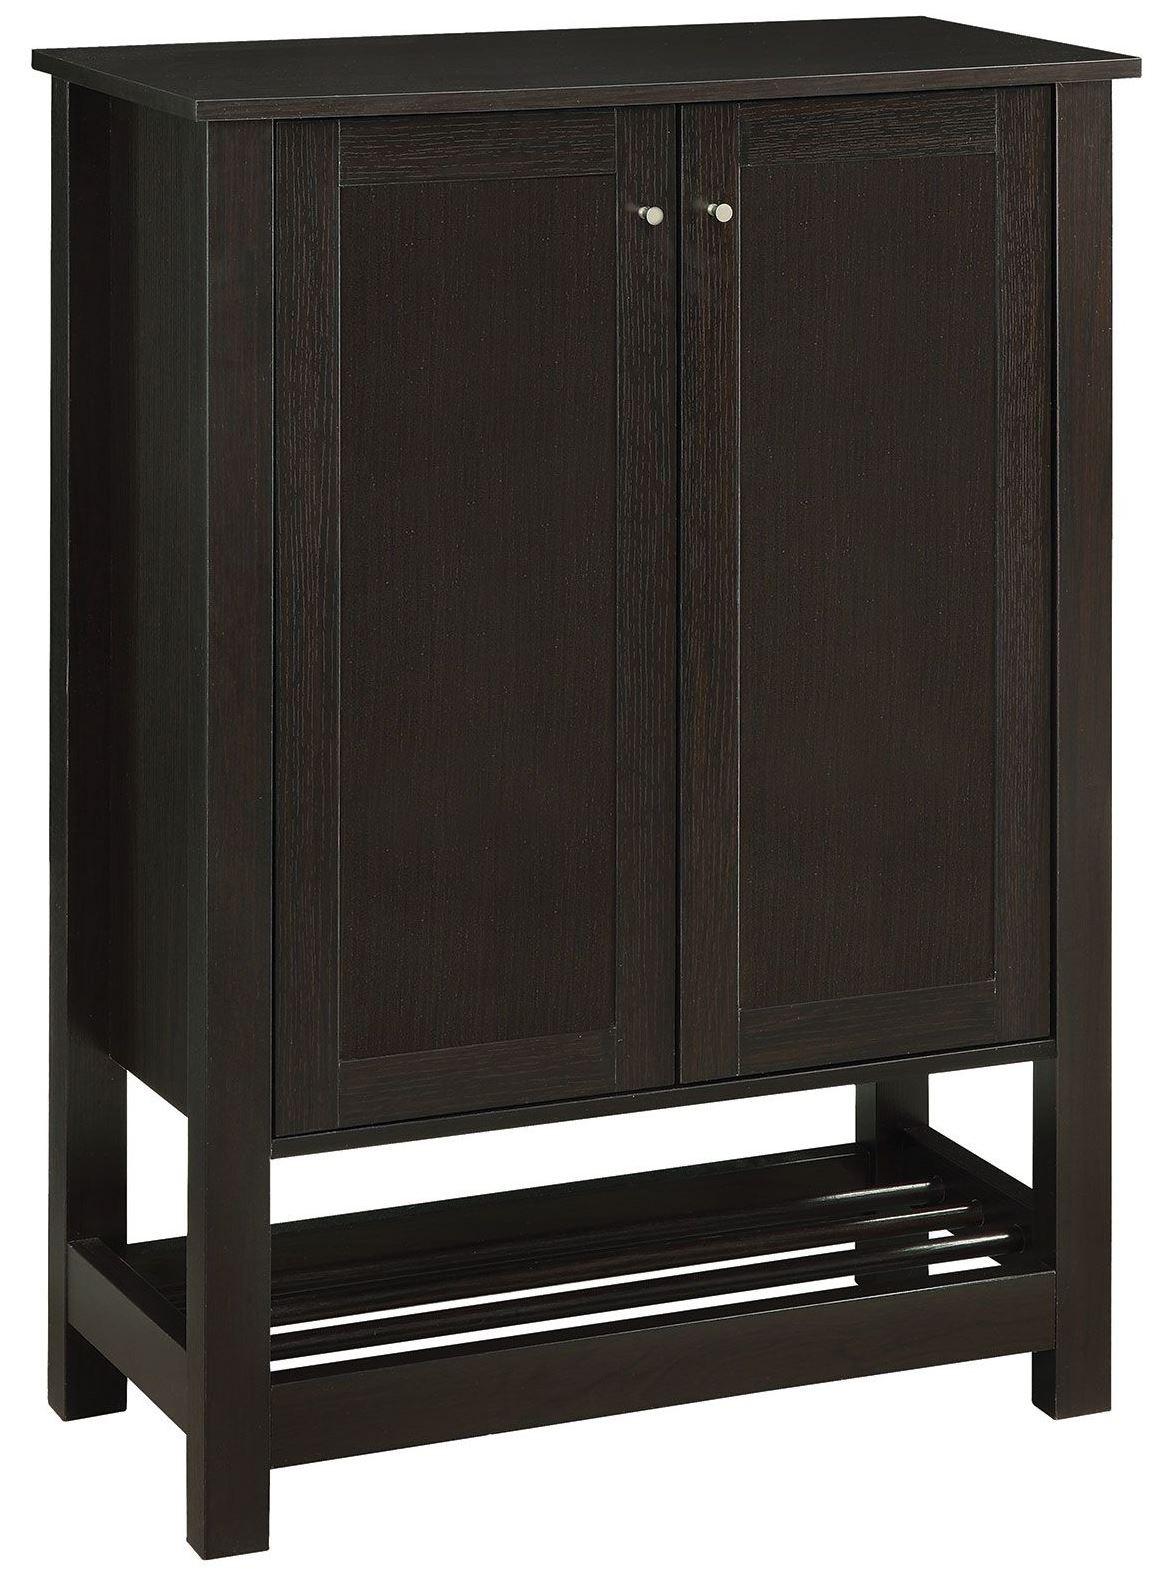 Cappuccino Door Shoe Cabinet From Coaster 950550